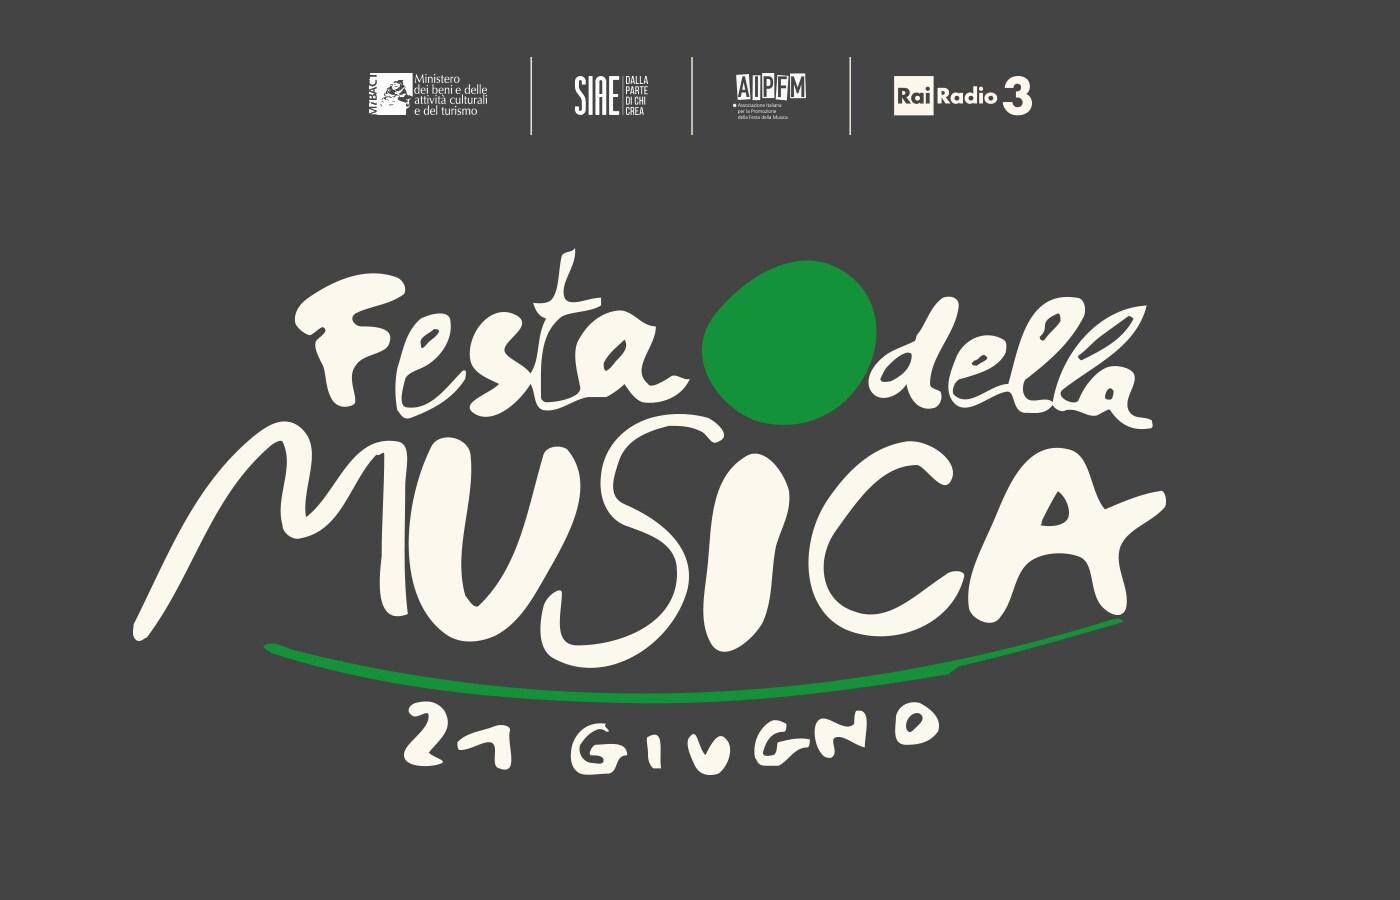 La Festa della Musica - Radio3